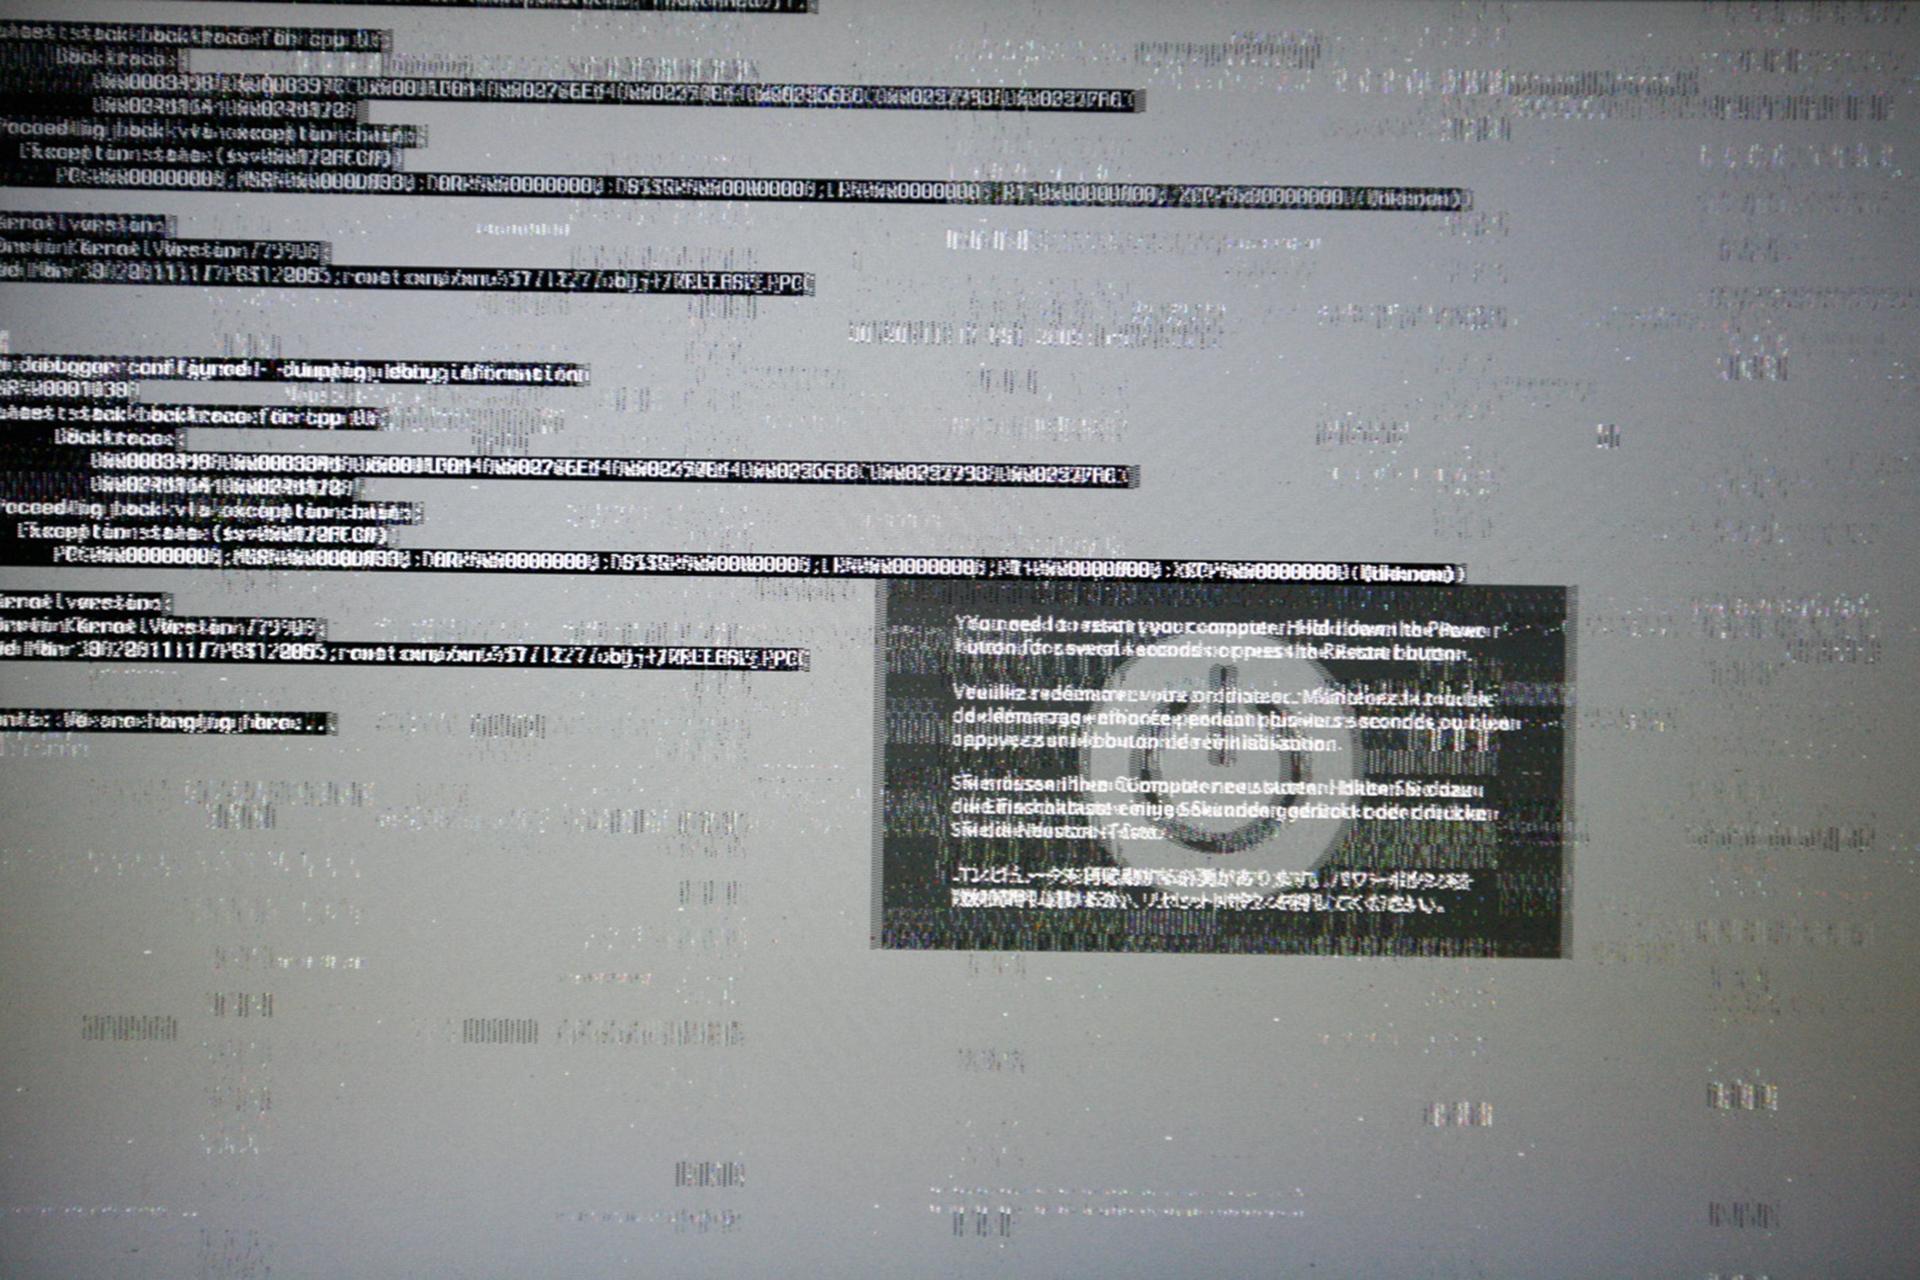 Zdjęcie przedstawia ekran komputera. Ekran pokrywają nakładające się napisy. Napisy są niewyraźne. Tło wkolorze szarym jest zamazane. Zdjęcie drugie przedstawia okno na tle ekranu komputera. Wtle otwarte okno wprzeglądarce. Na tle okna mniejszy prostokąt znapisem: ostrzeżenie znaleziono wirusa. Stopień zagrożenia: wysoki. Opis zagrożenia.